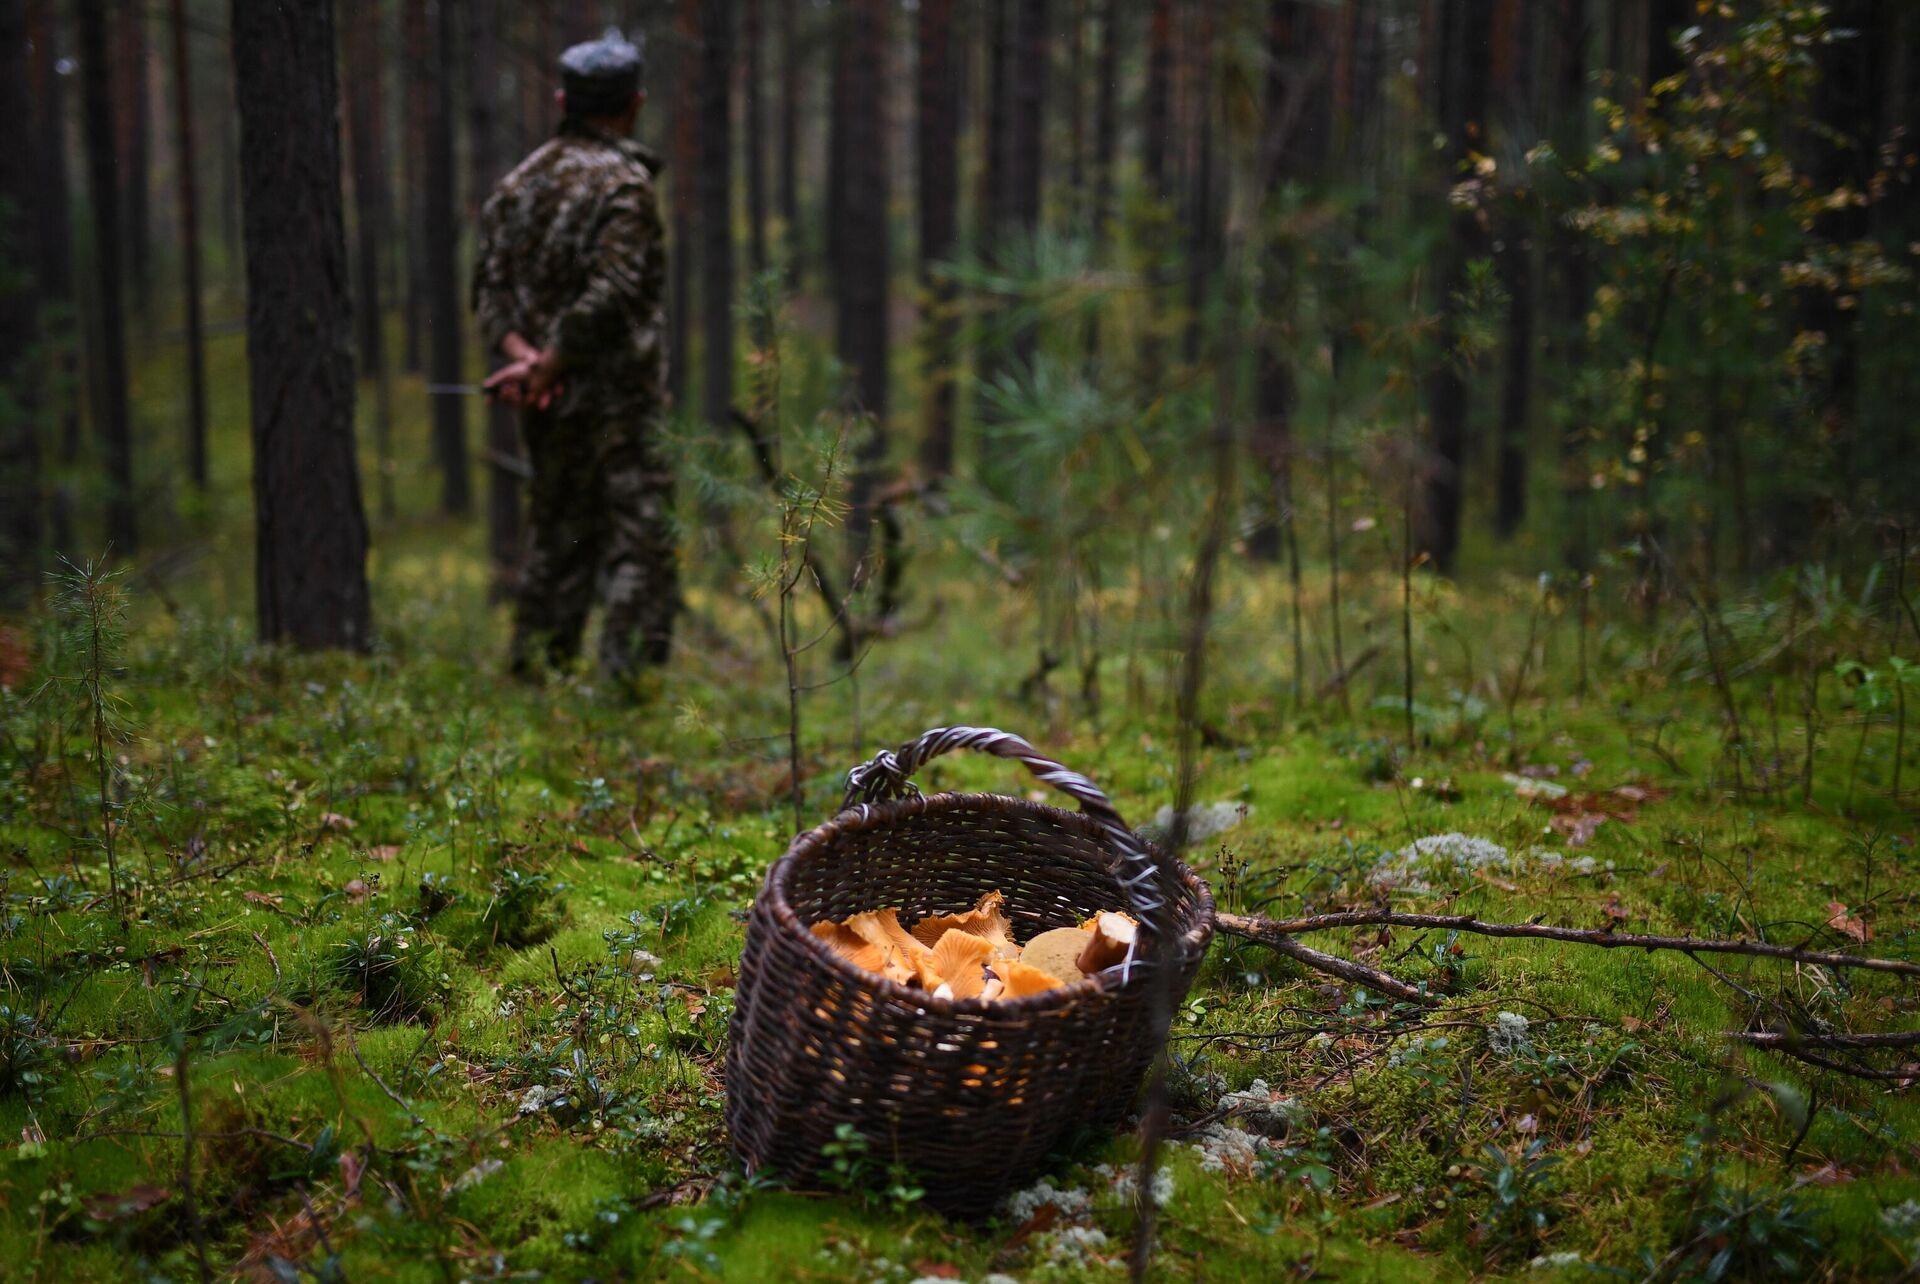 Житель села Юрт-Акбалык собирает грибы в лесу - РИА Новости, 1920, 30.09.2021